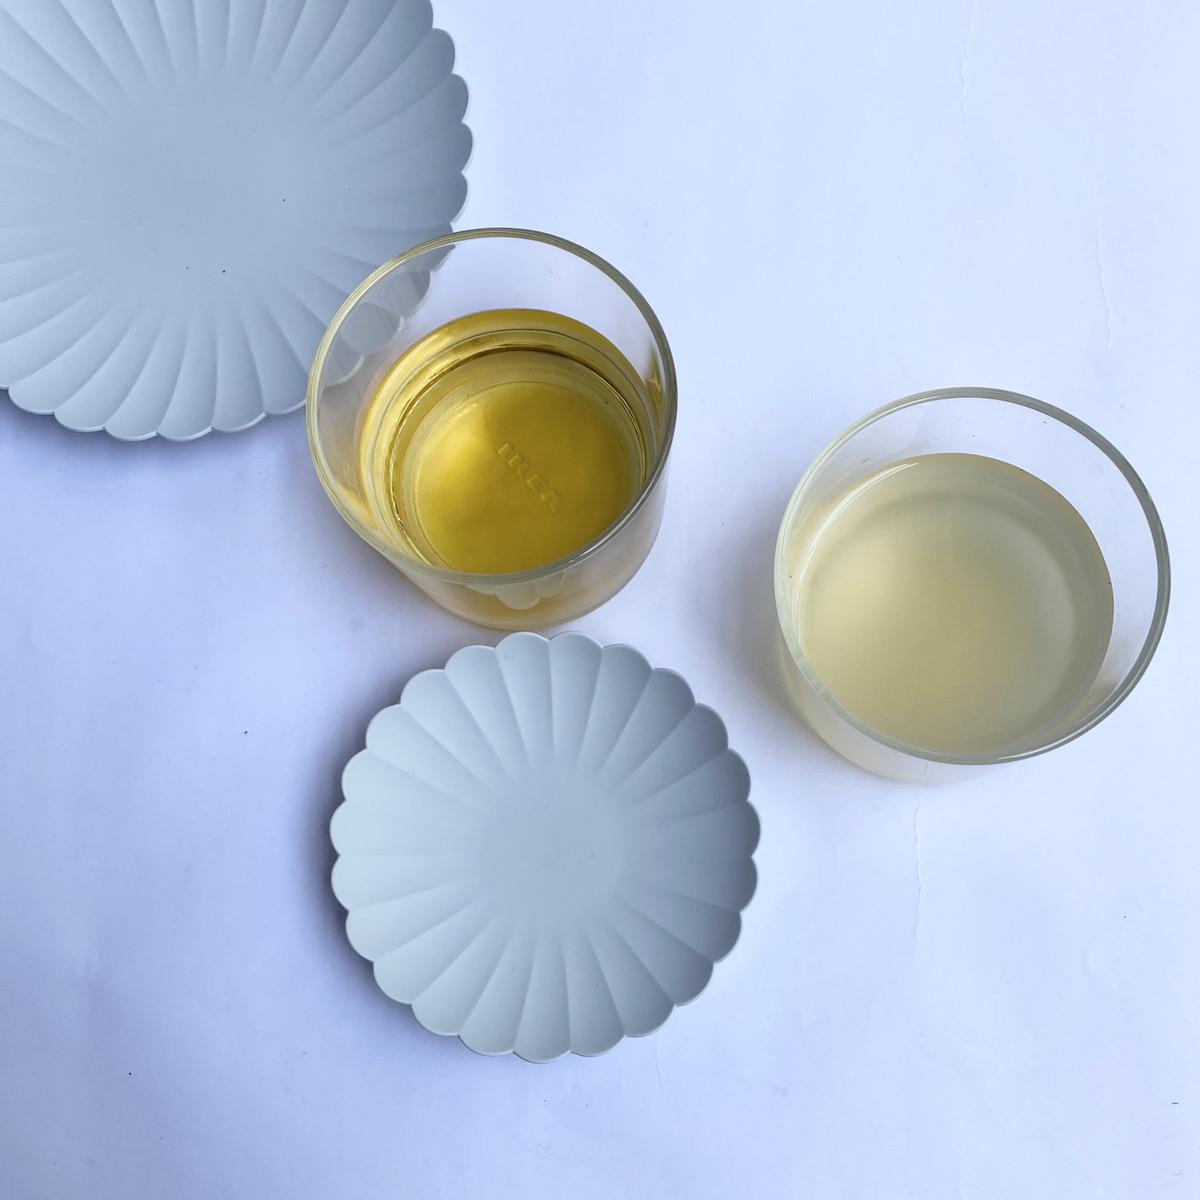 常備しておくと便利!疲れも飛ぶ、1秒しじみ汁&うに汁!